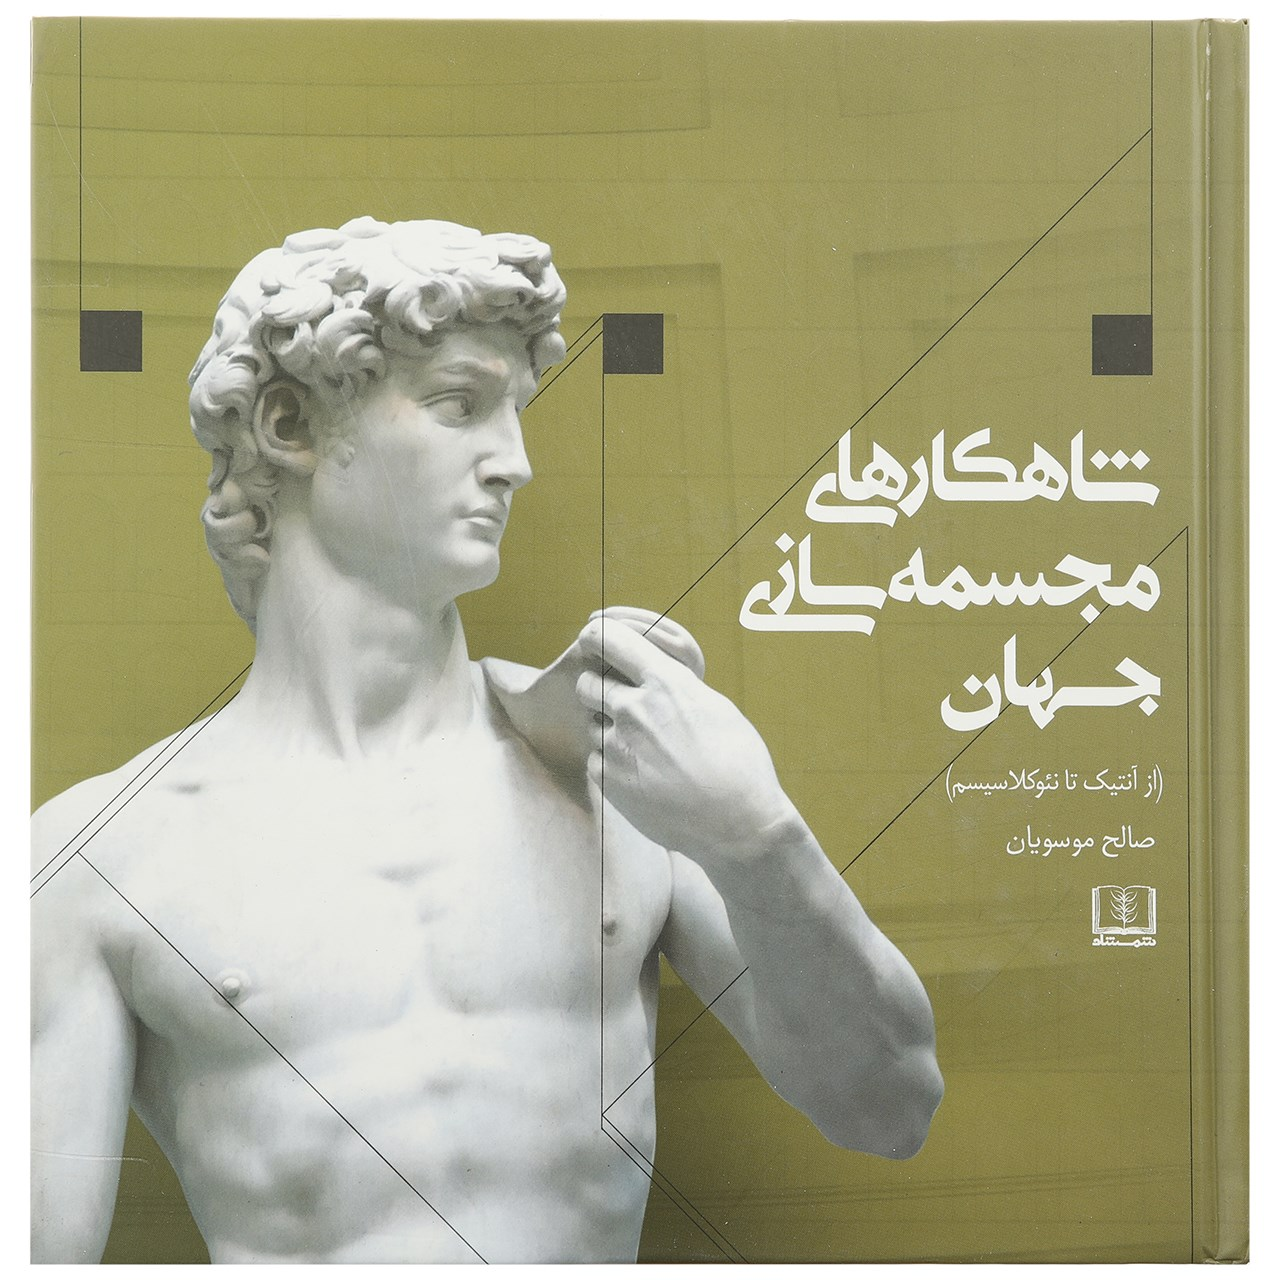 خرید                      کتاب شاهکارهای مجسمه سازی جهان اثر صالح موسویان